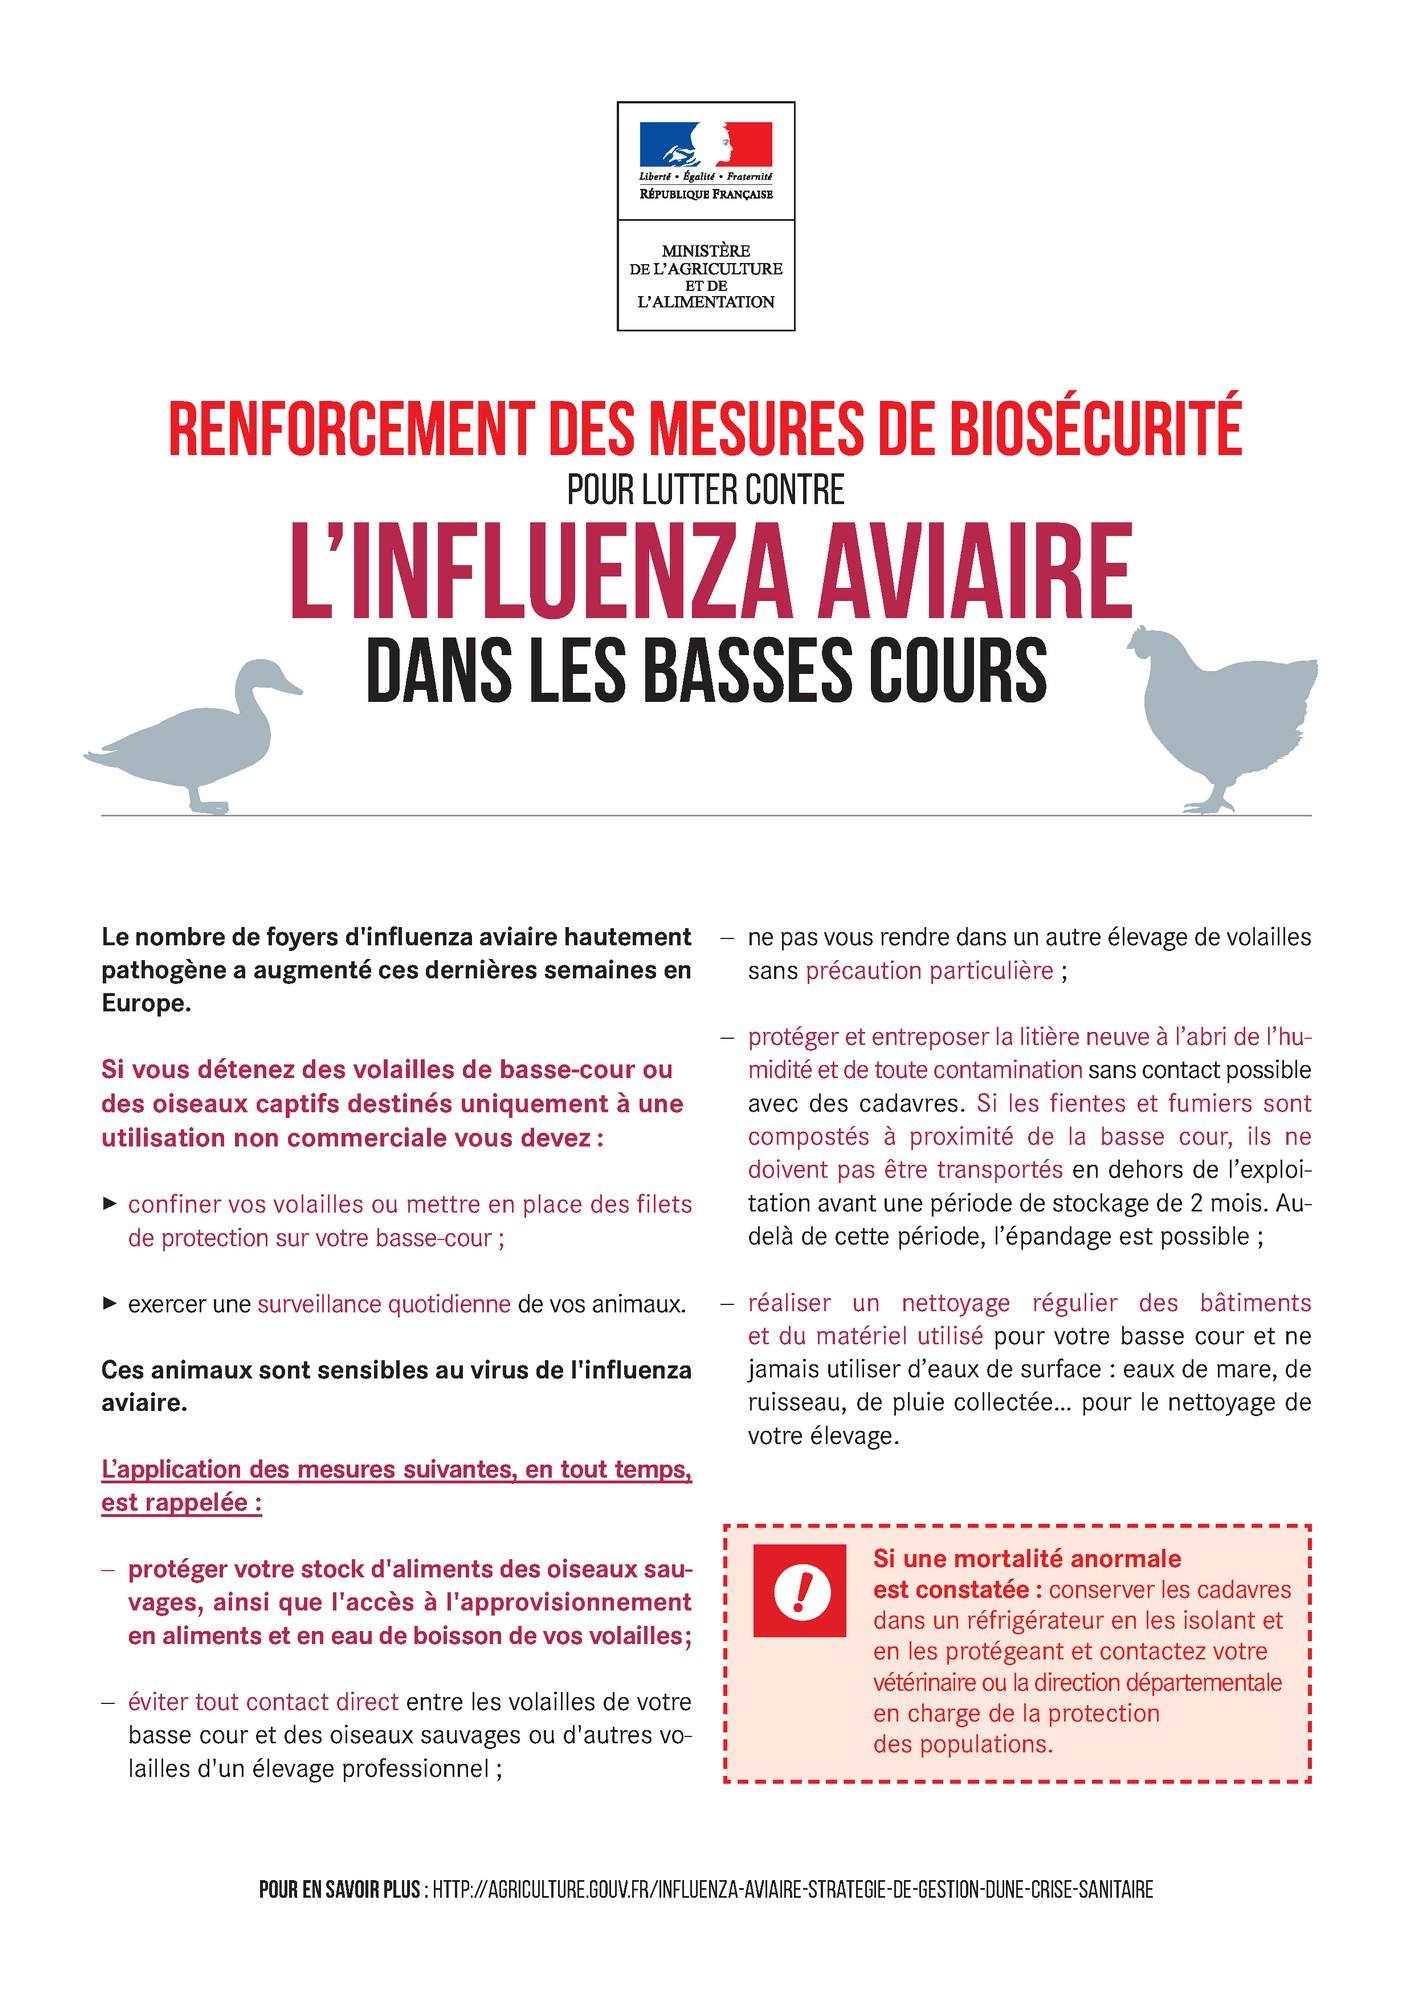 Influenza Aviaire - Renforcement de la biosécurité dans les basses cours 1.jpg